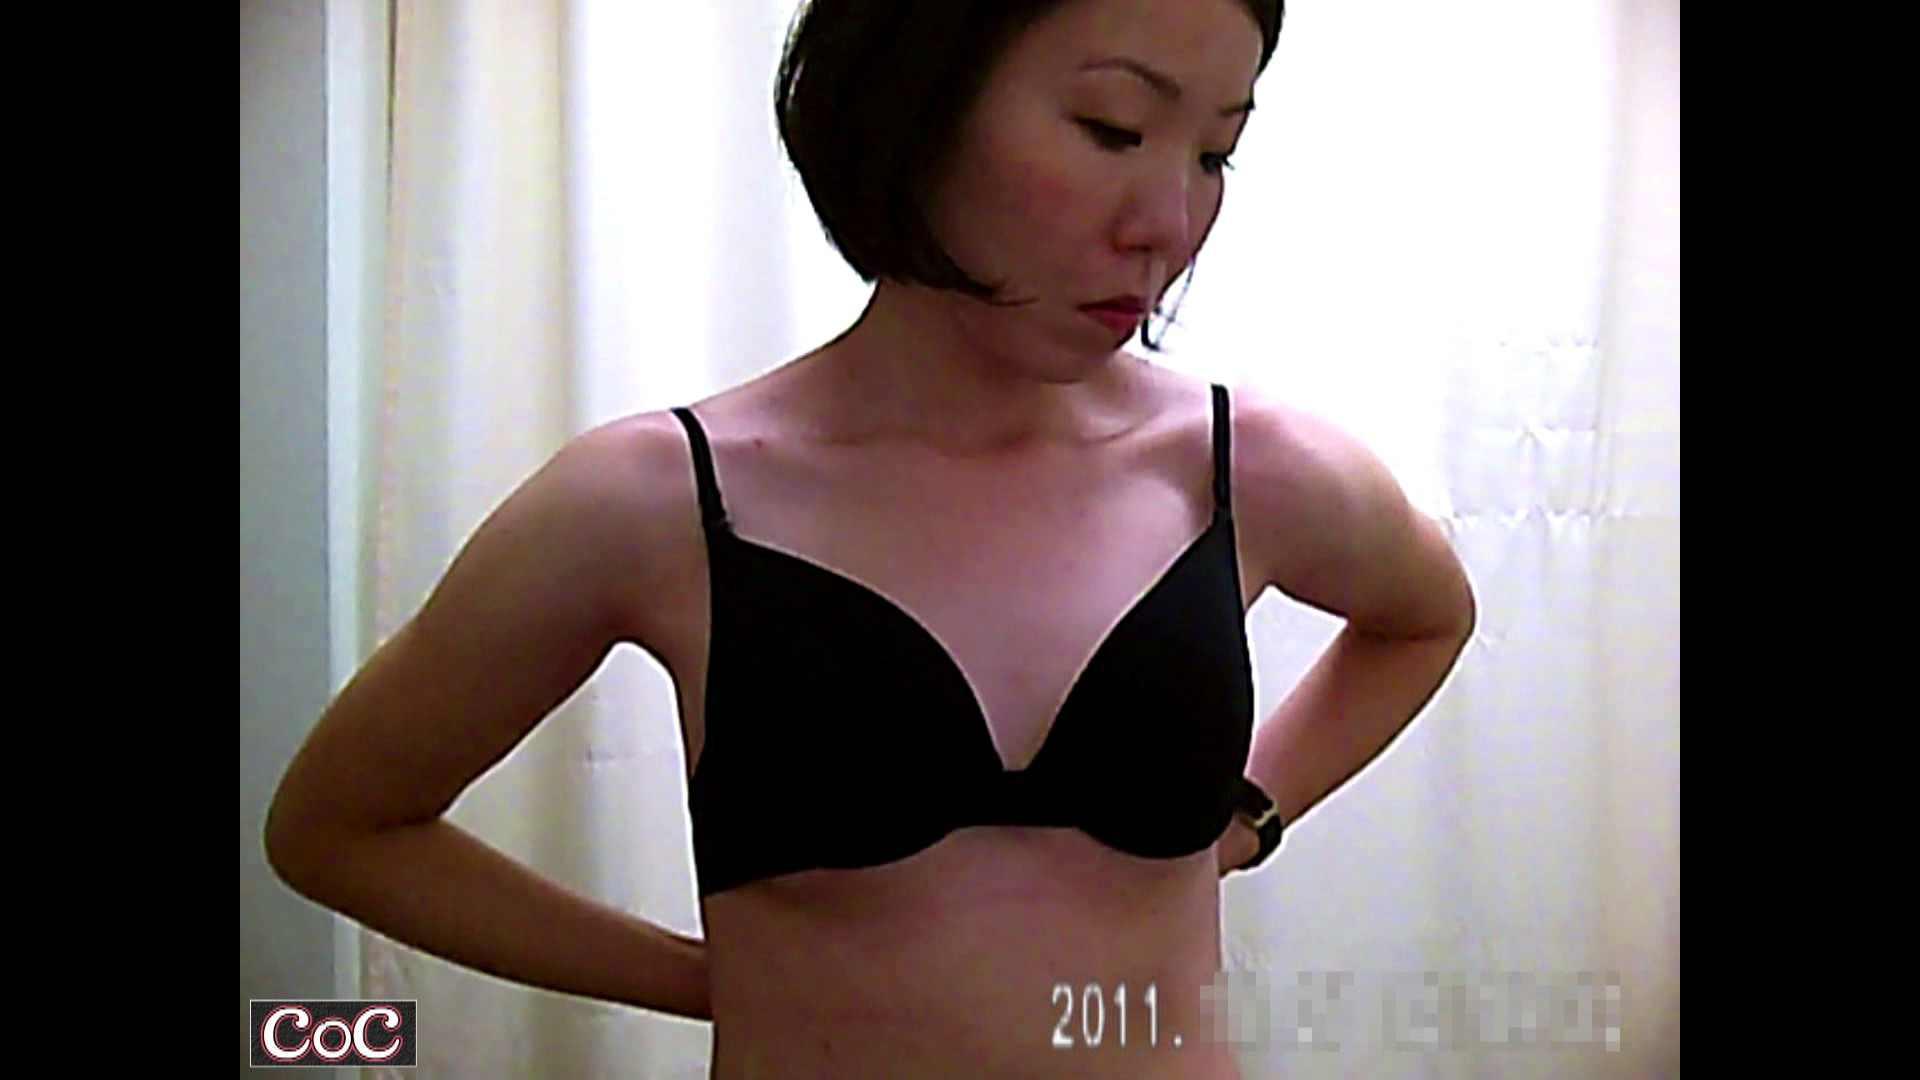 元医者による反抗 更衣室地獄絵巻 vol.223 OLハメ撮り  97Pix 58